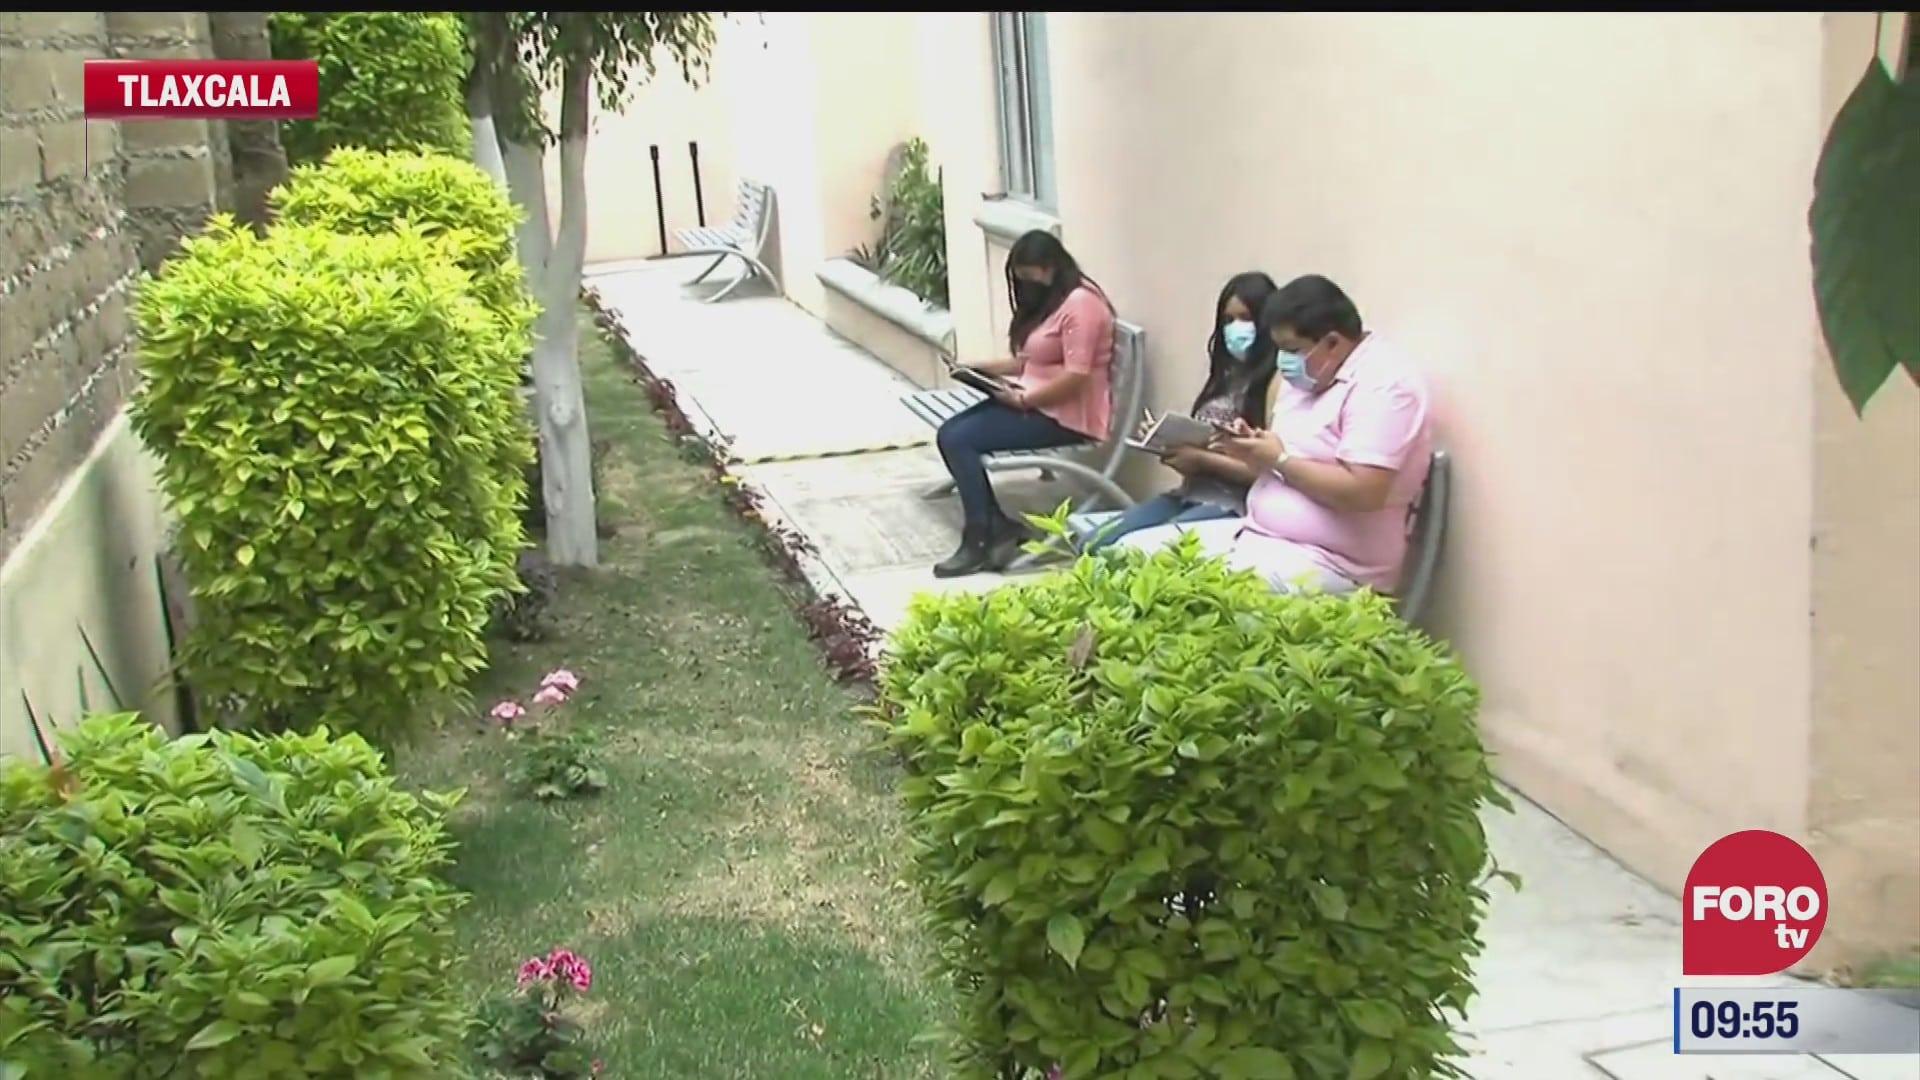 tlaxcala crea el primer jardin sonoro